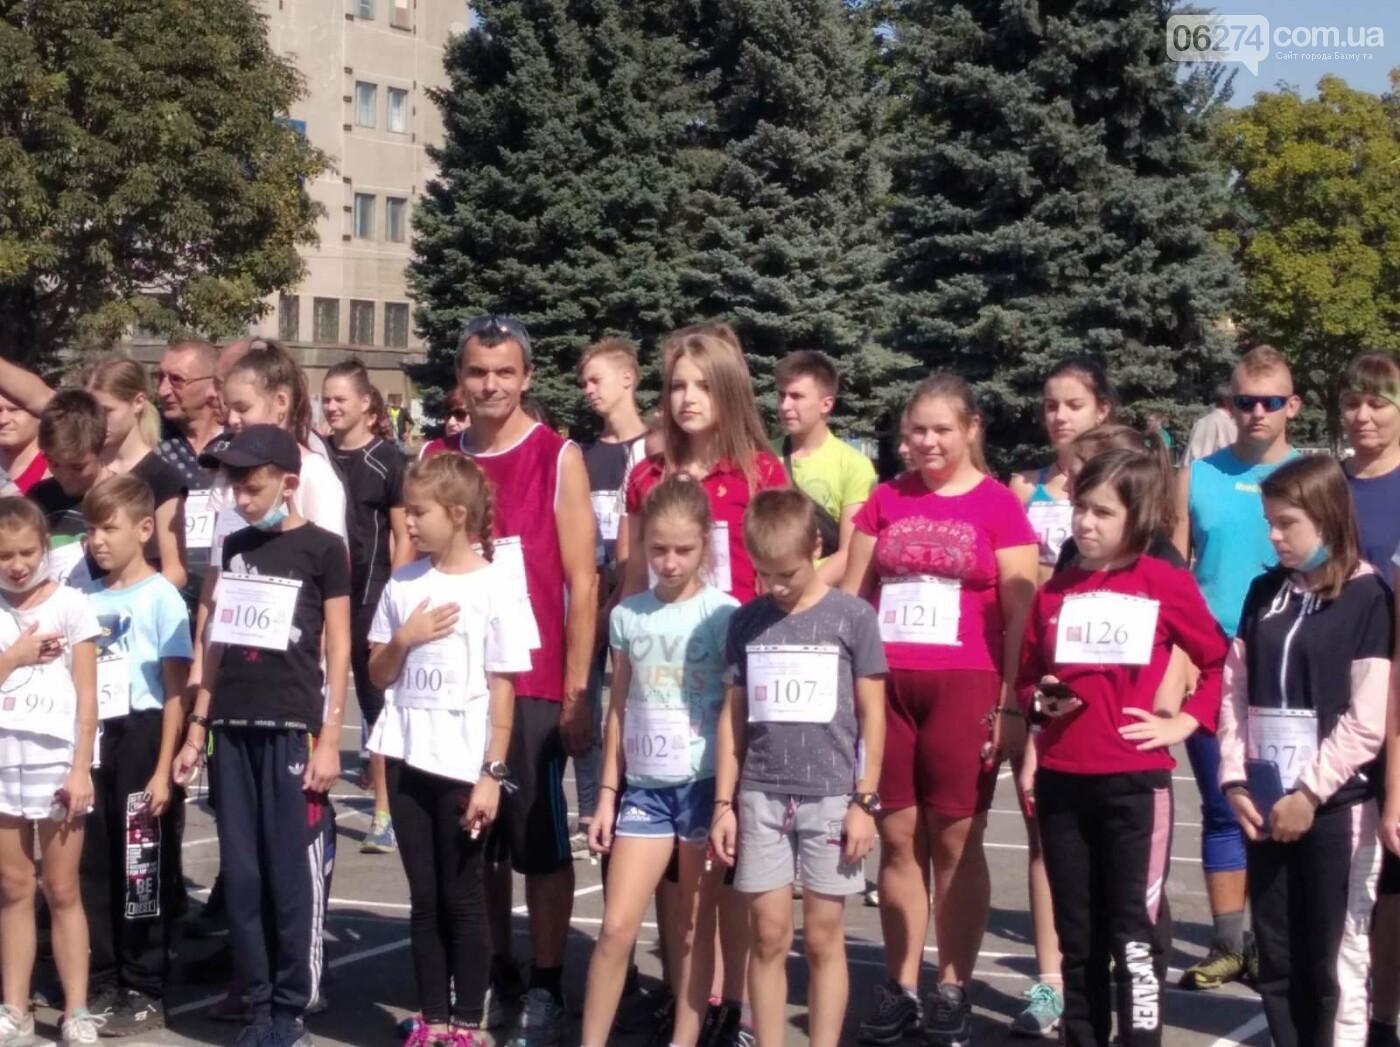 В Дружковке состоялся открытый чемпионат по спортивному ориентированию на дистанциях городского спринта, фото-7